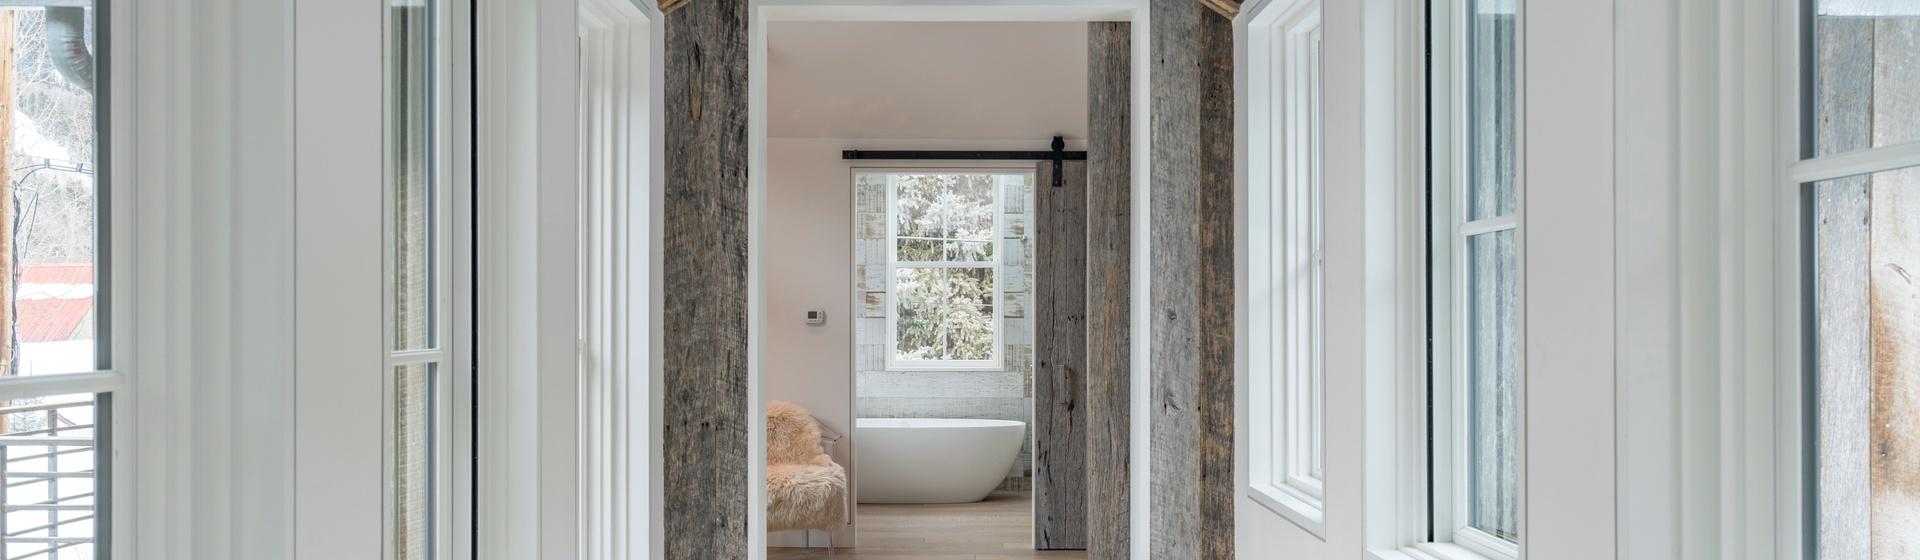 9-Telluride-The-Sunnyside-Main-Level-Master-Entry-Web.jpg